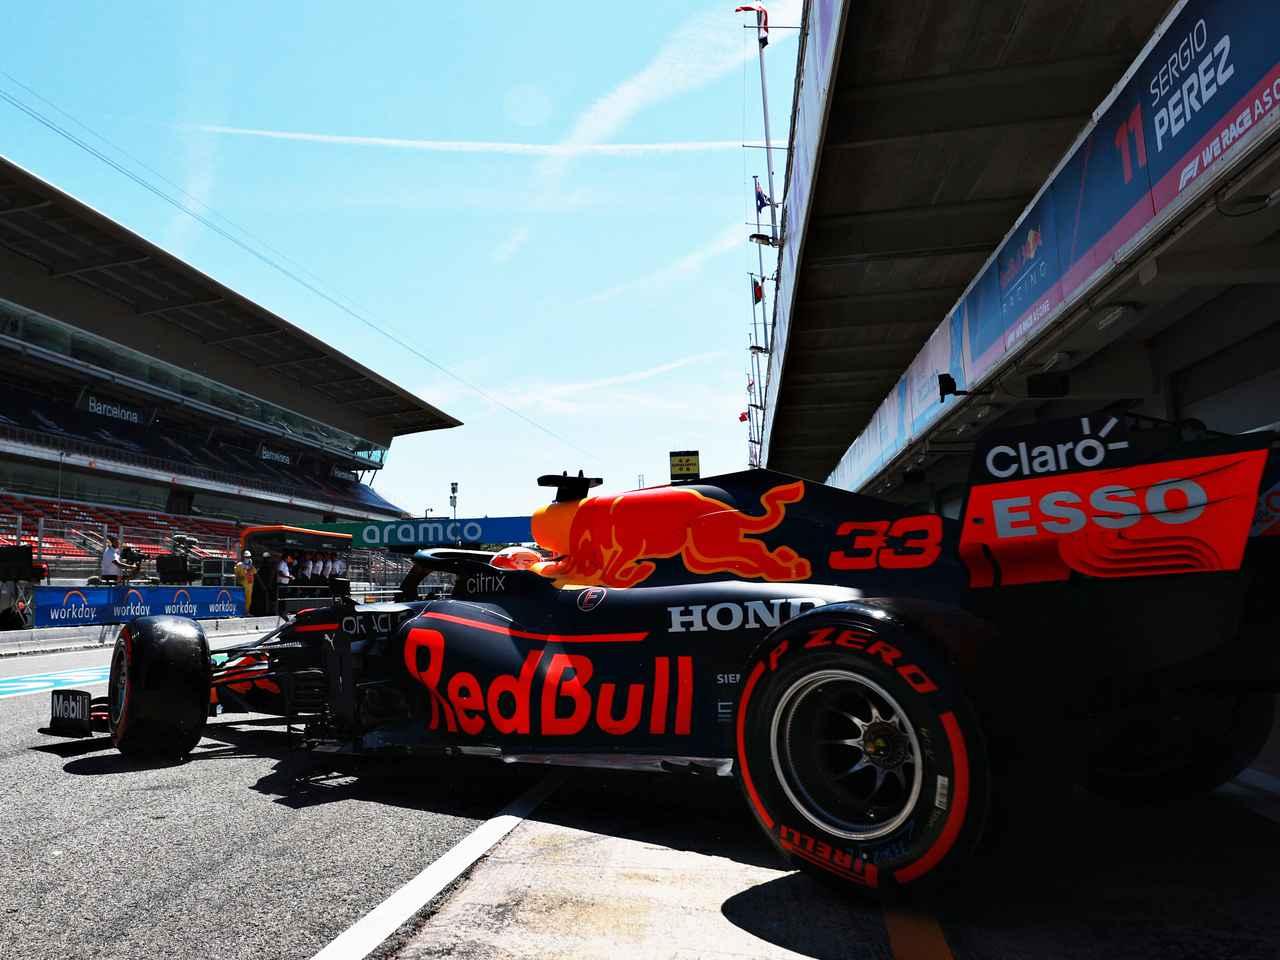 2021年F1第4戦スペインGP、フェルスタッペンに勝機!? フロントロウからのスタートに期待【モータースポーツ】